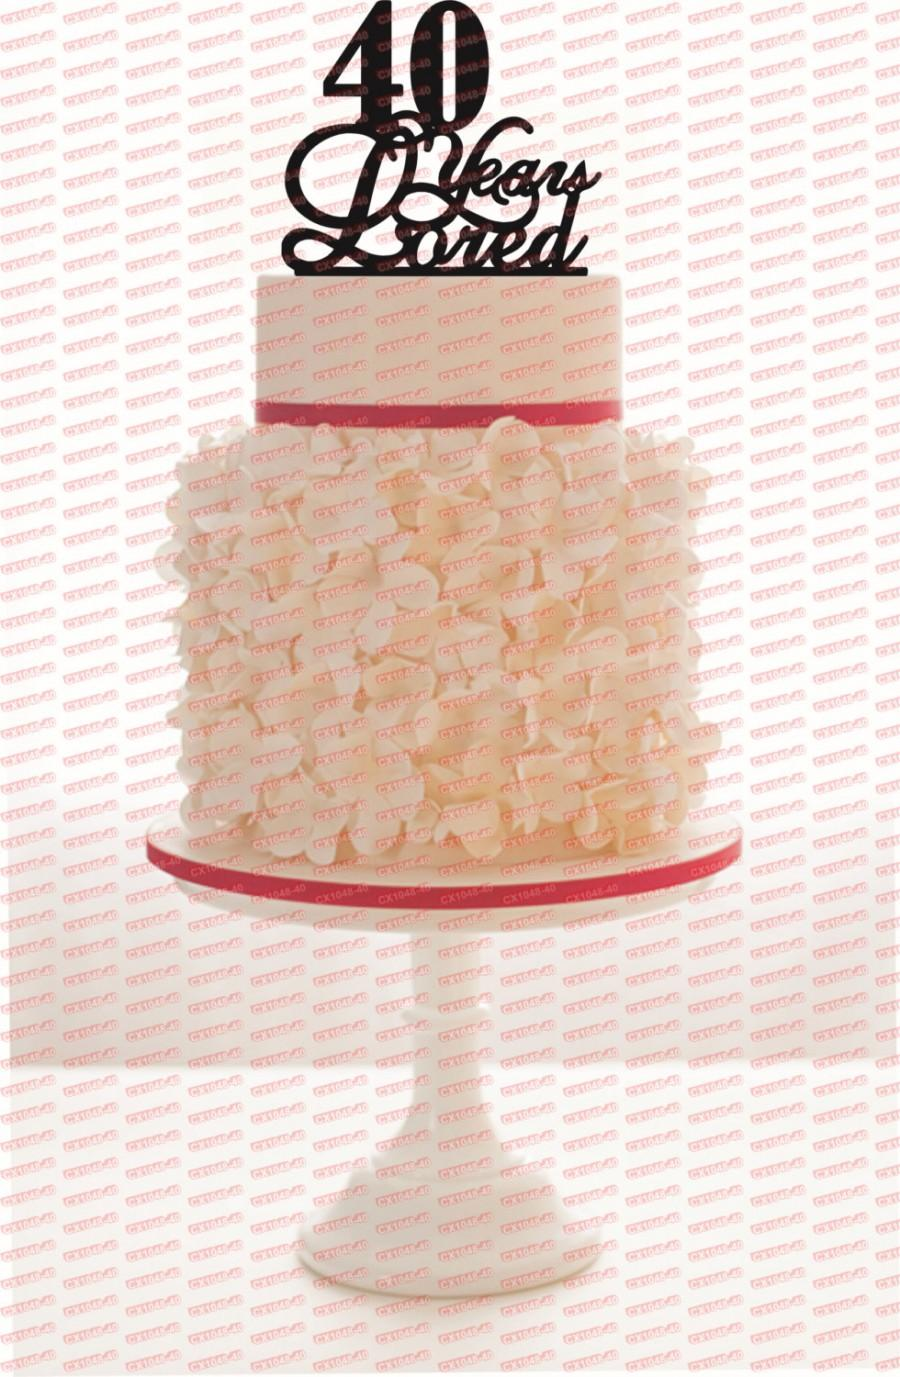 زفاف - 40th Birthday/Anniversary Cake Topper Personalized 40 Years Loved Cake Topper Removable Spikes and Free Base With Over 25 Different Colors